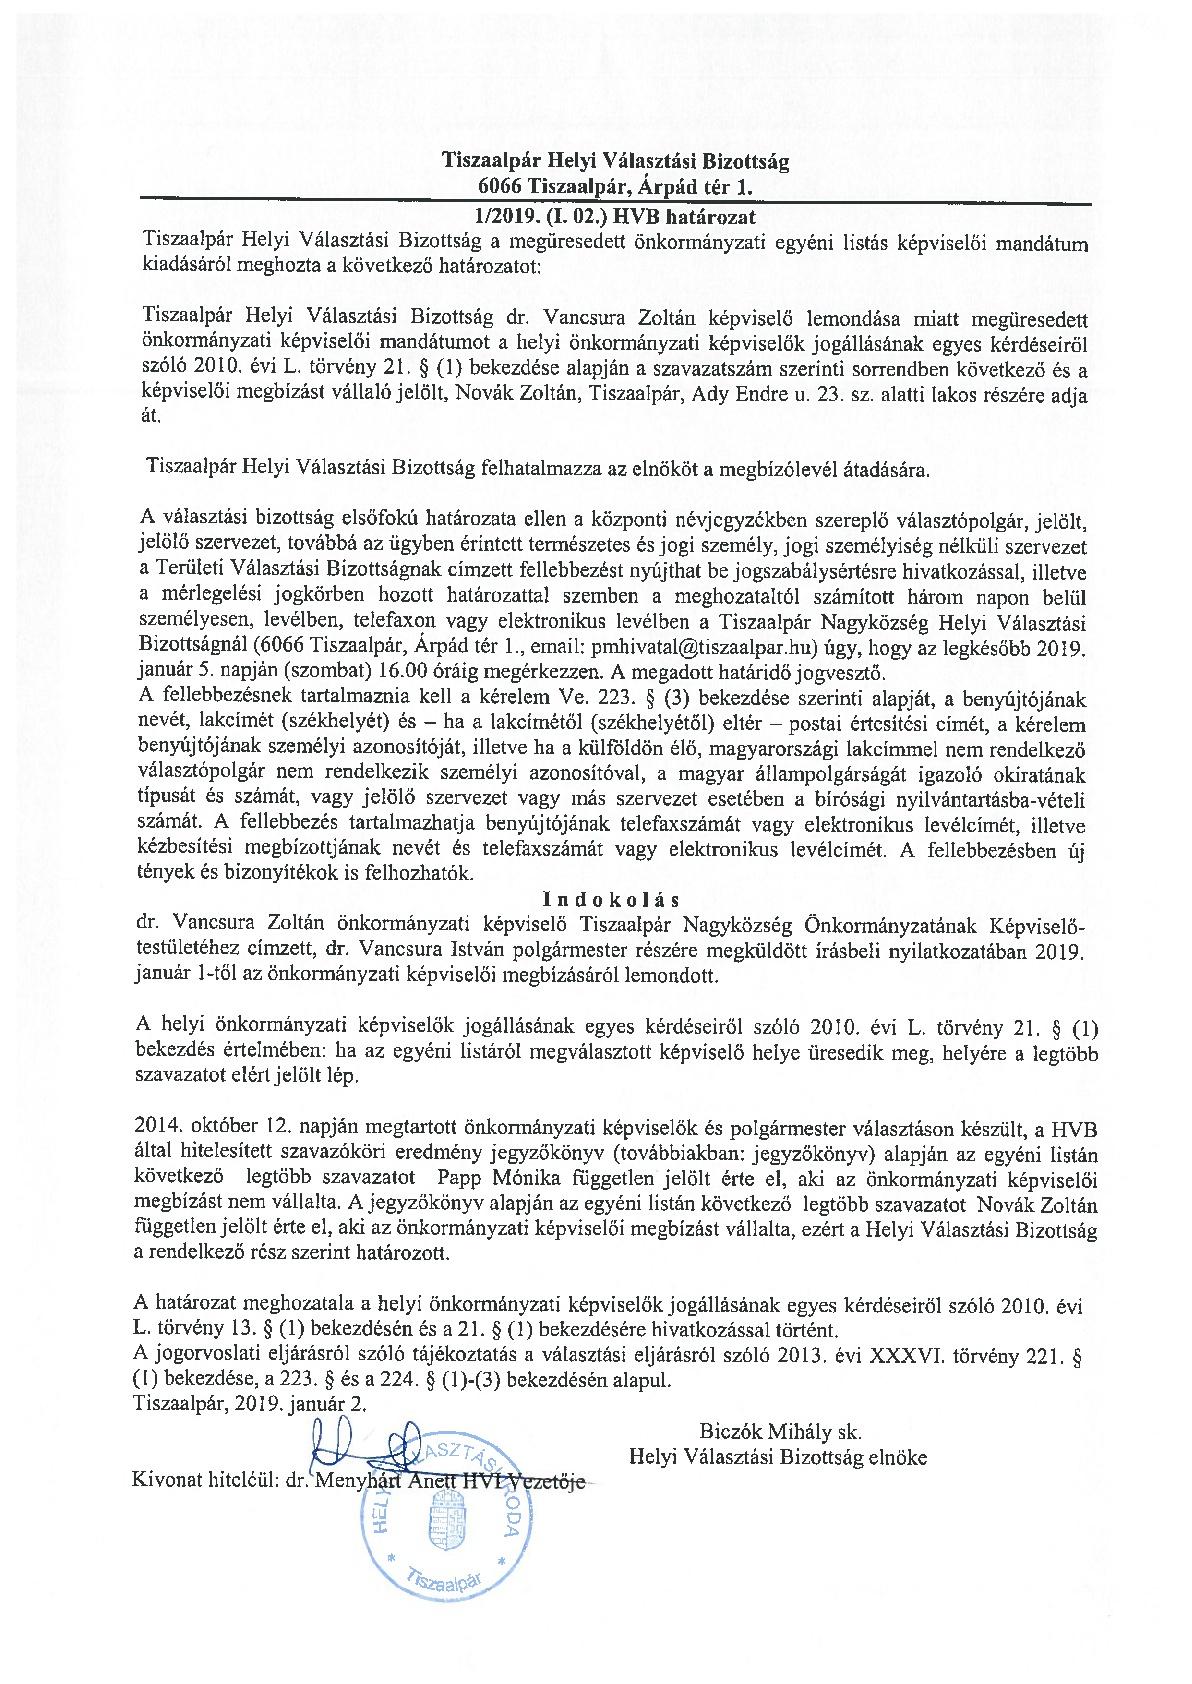 HVB határozat-001